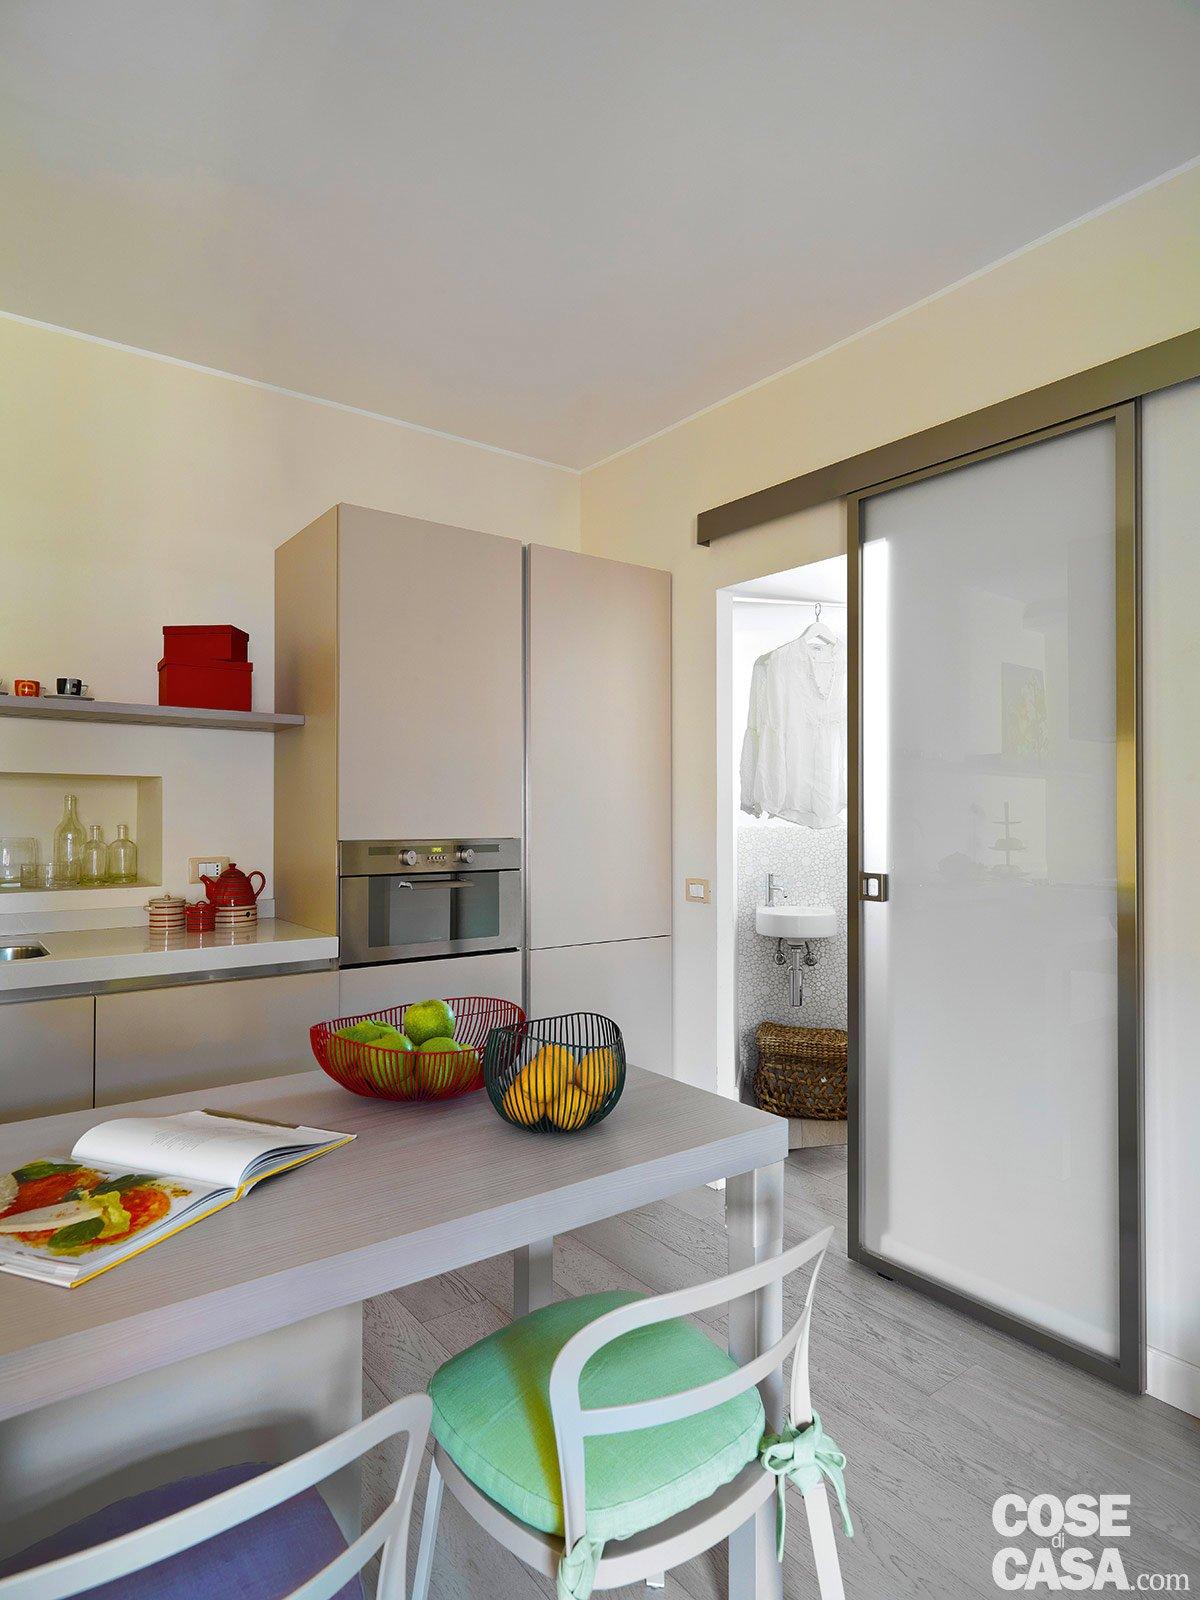 50 Mq: Obiettivo Massimo Comfort Cose Di Casa #693B27 1200 1600 Come Arredare Una Cucina Piccola Rettangolare